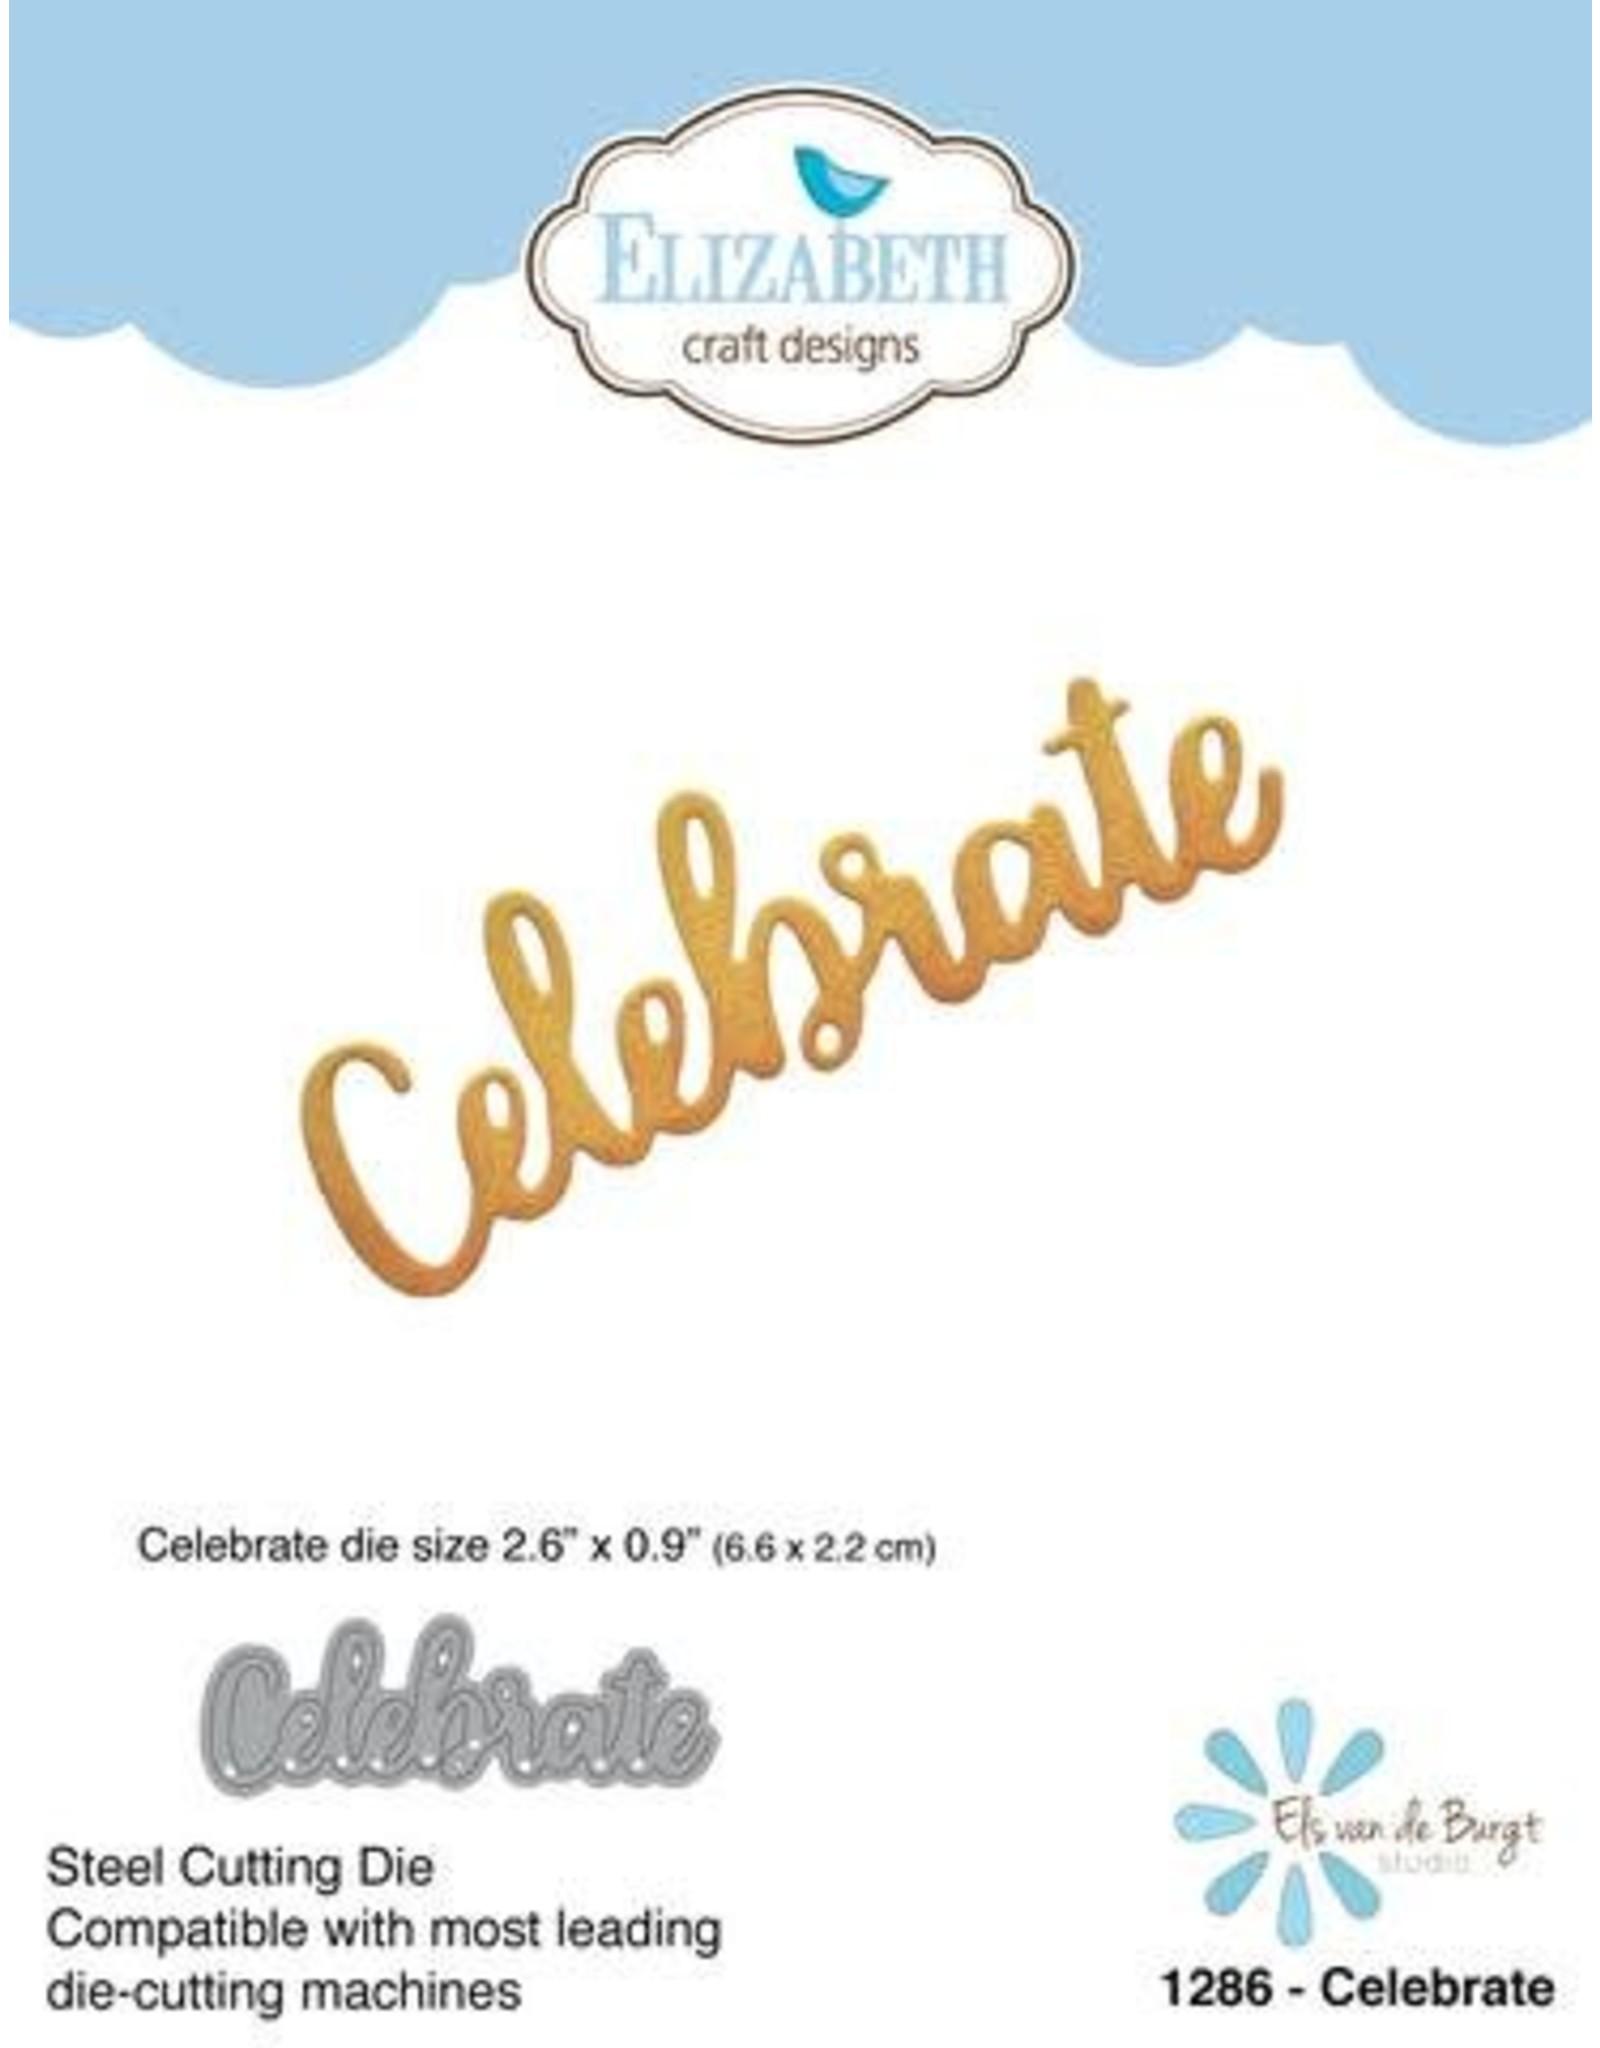 Elizabeth Craft Designs Elizabeth Craft Designs dies Celebrate 1286